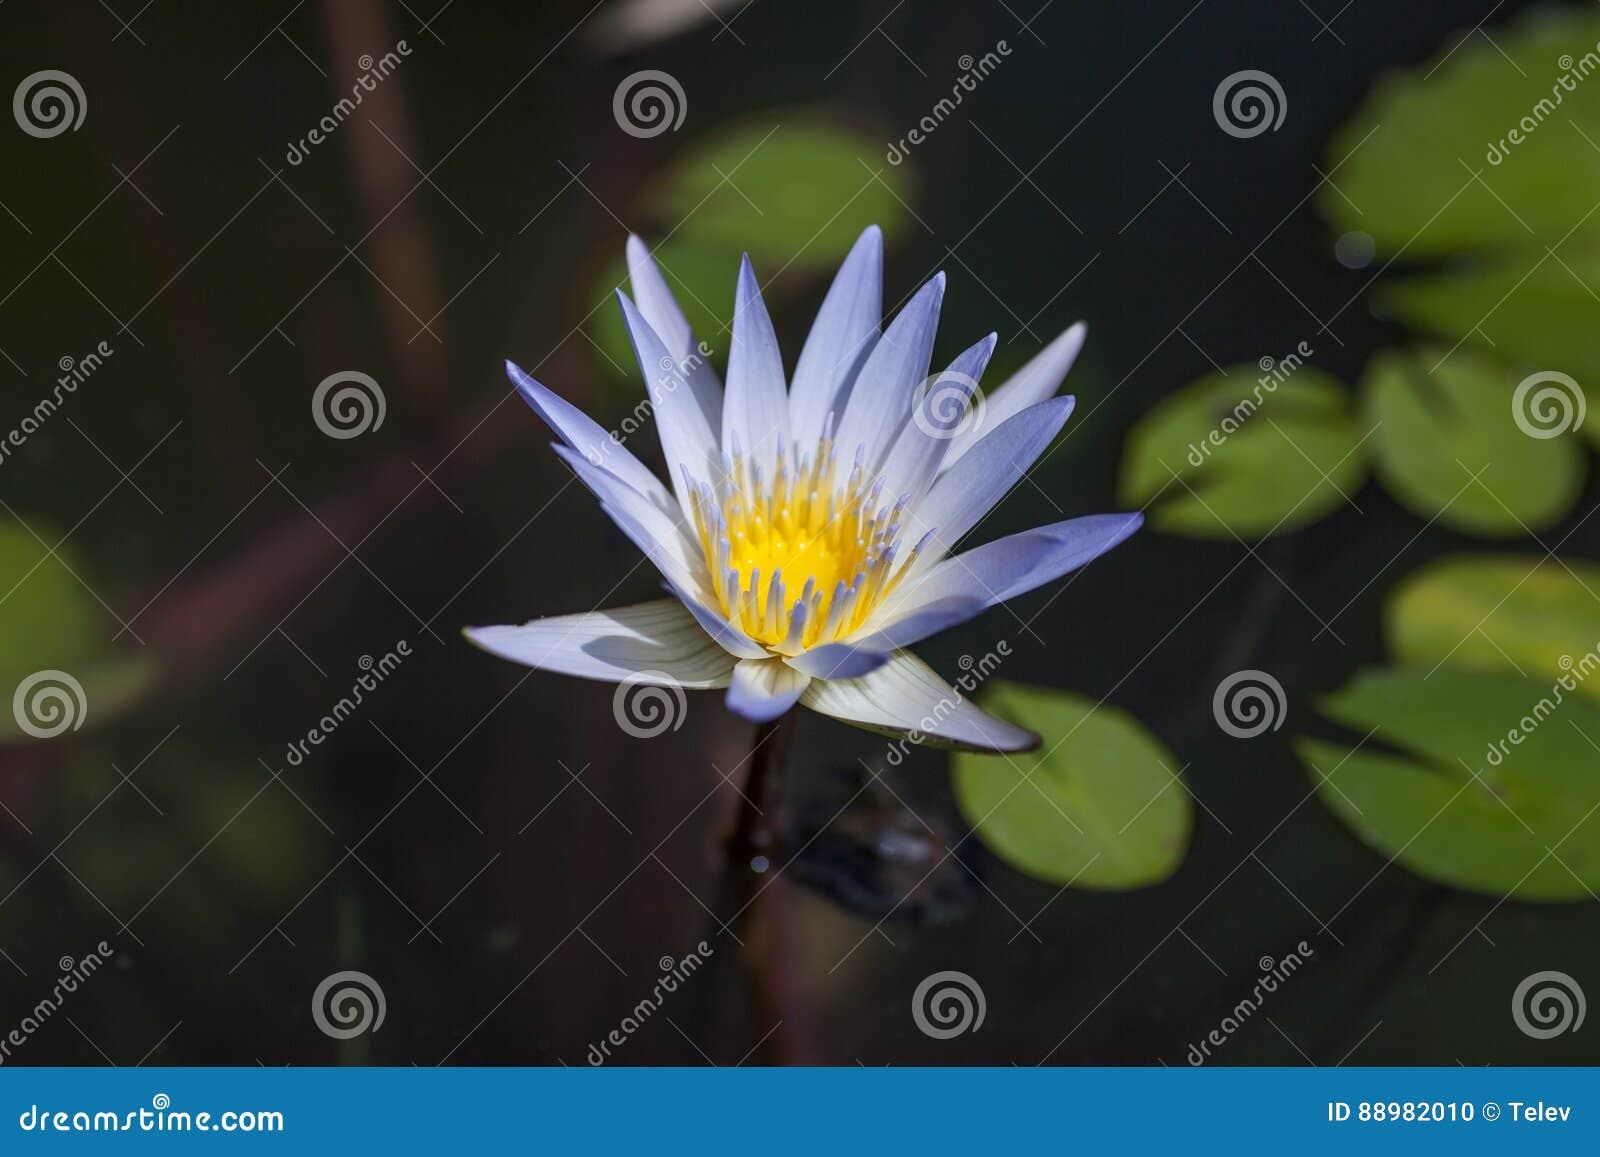 Fleur Lotus Bleu Photo Stock Image Du Floraison Exterieur 88982010